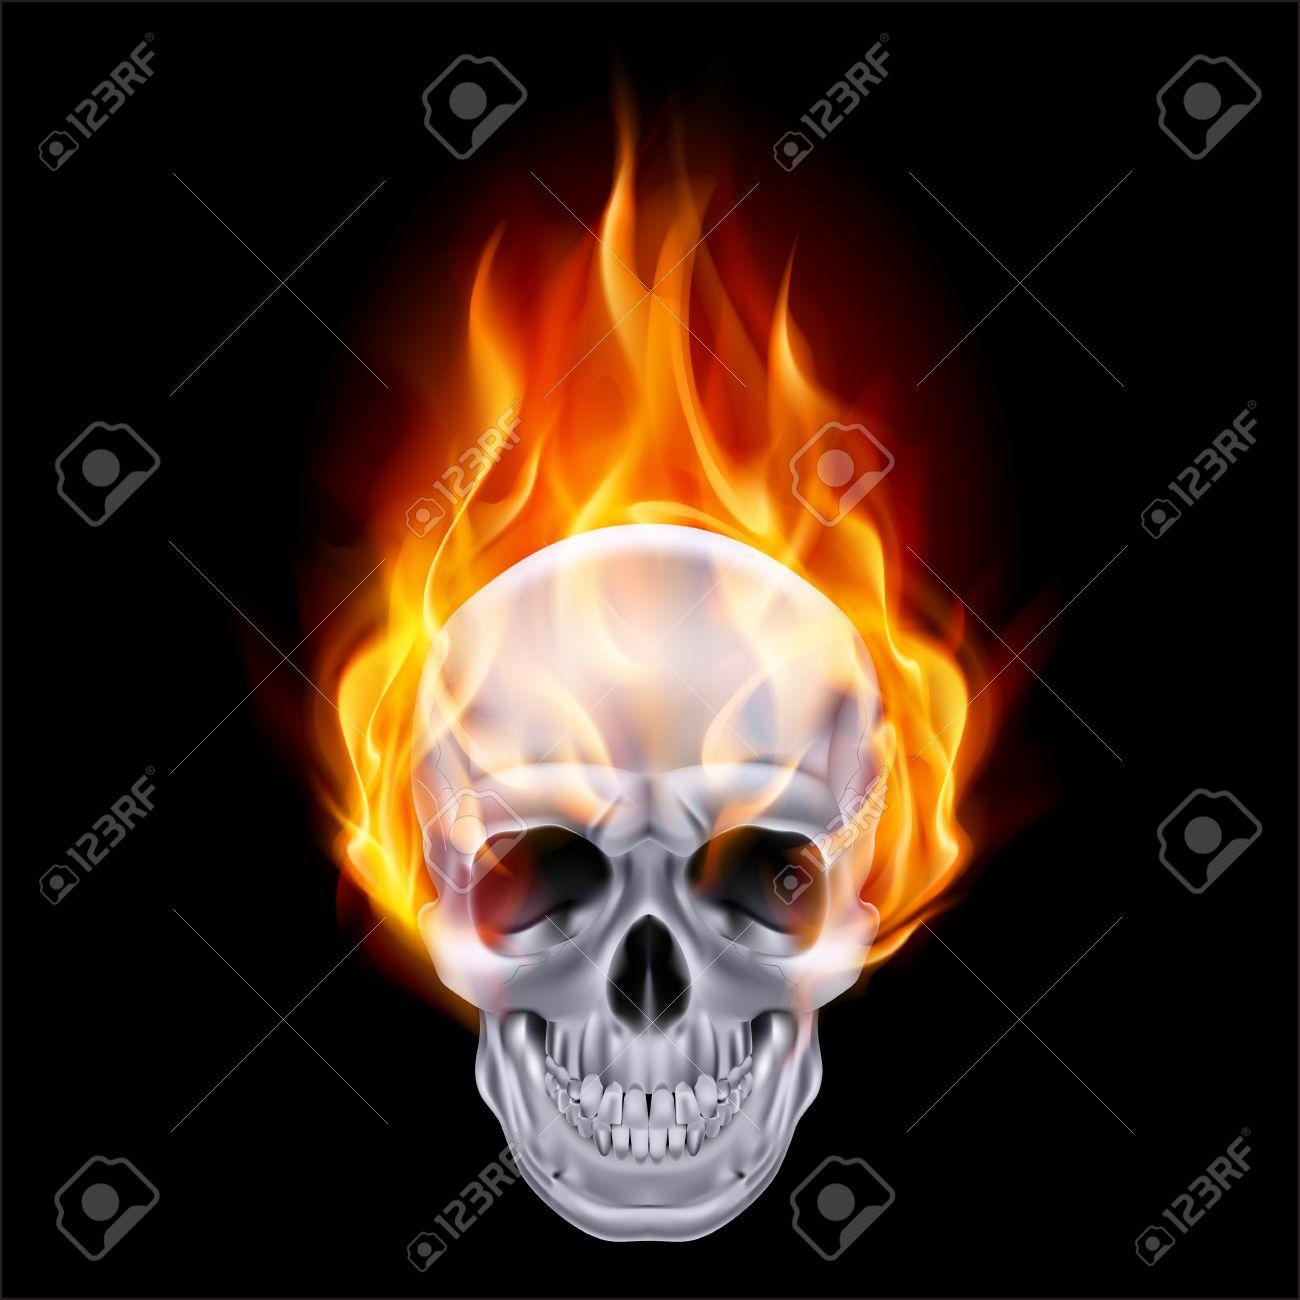 Illustration of chrome fire skull on black . Stock Vector - 24012010